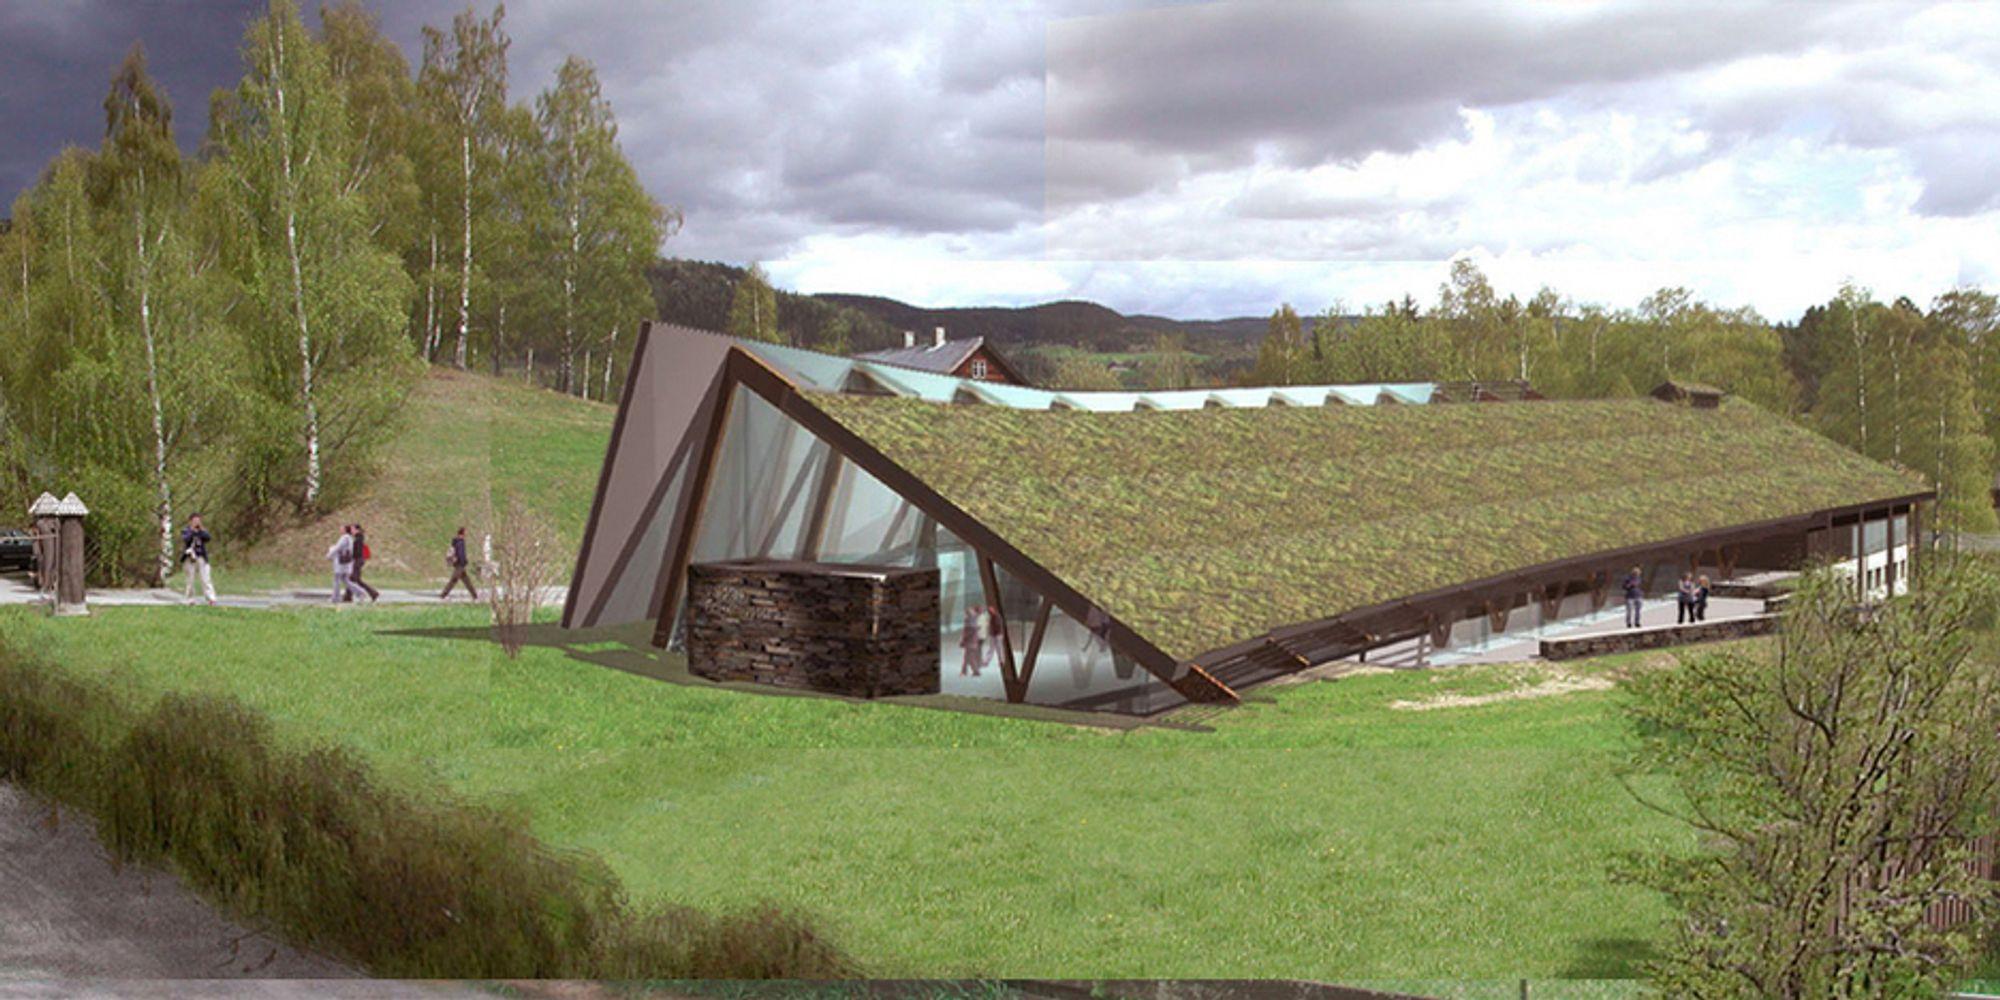 FÅR KRITIKK: Valdres folkemuseum kritiseres for å ha brukt regnskogtømmer i sitt nye utstillings- og velkomstbygg på Fagernes.